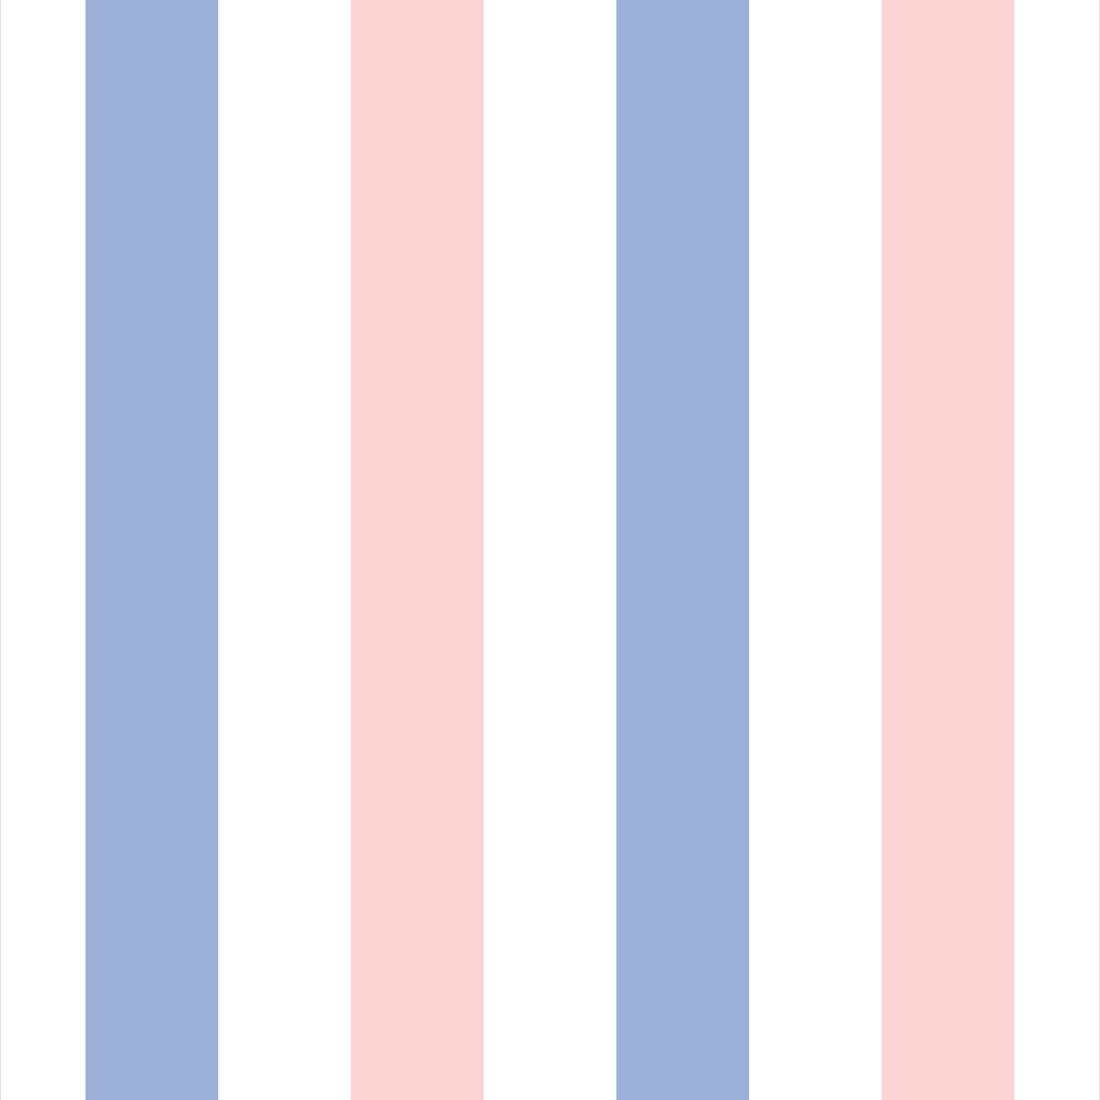 Papel de Parede Listrado em Rosa, Azul e Branco